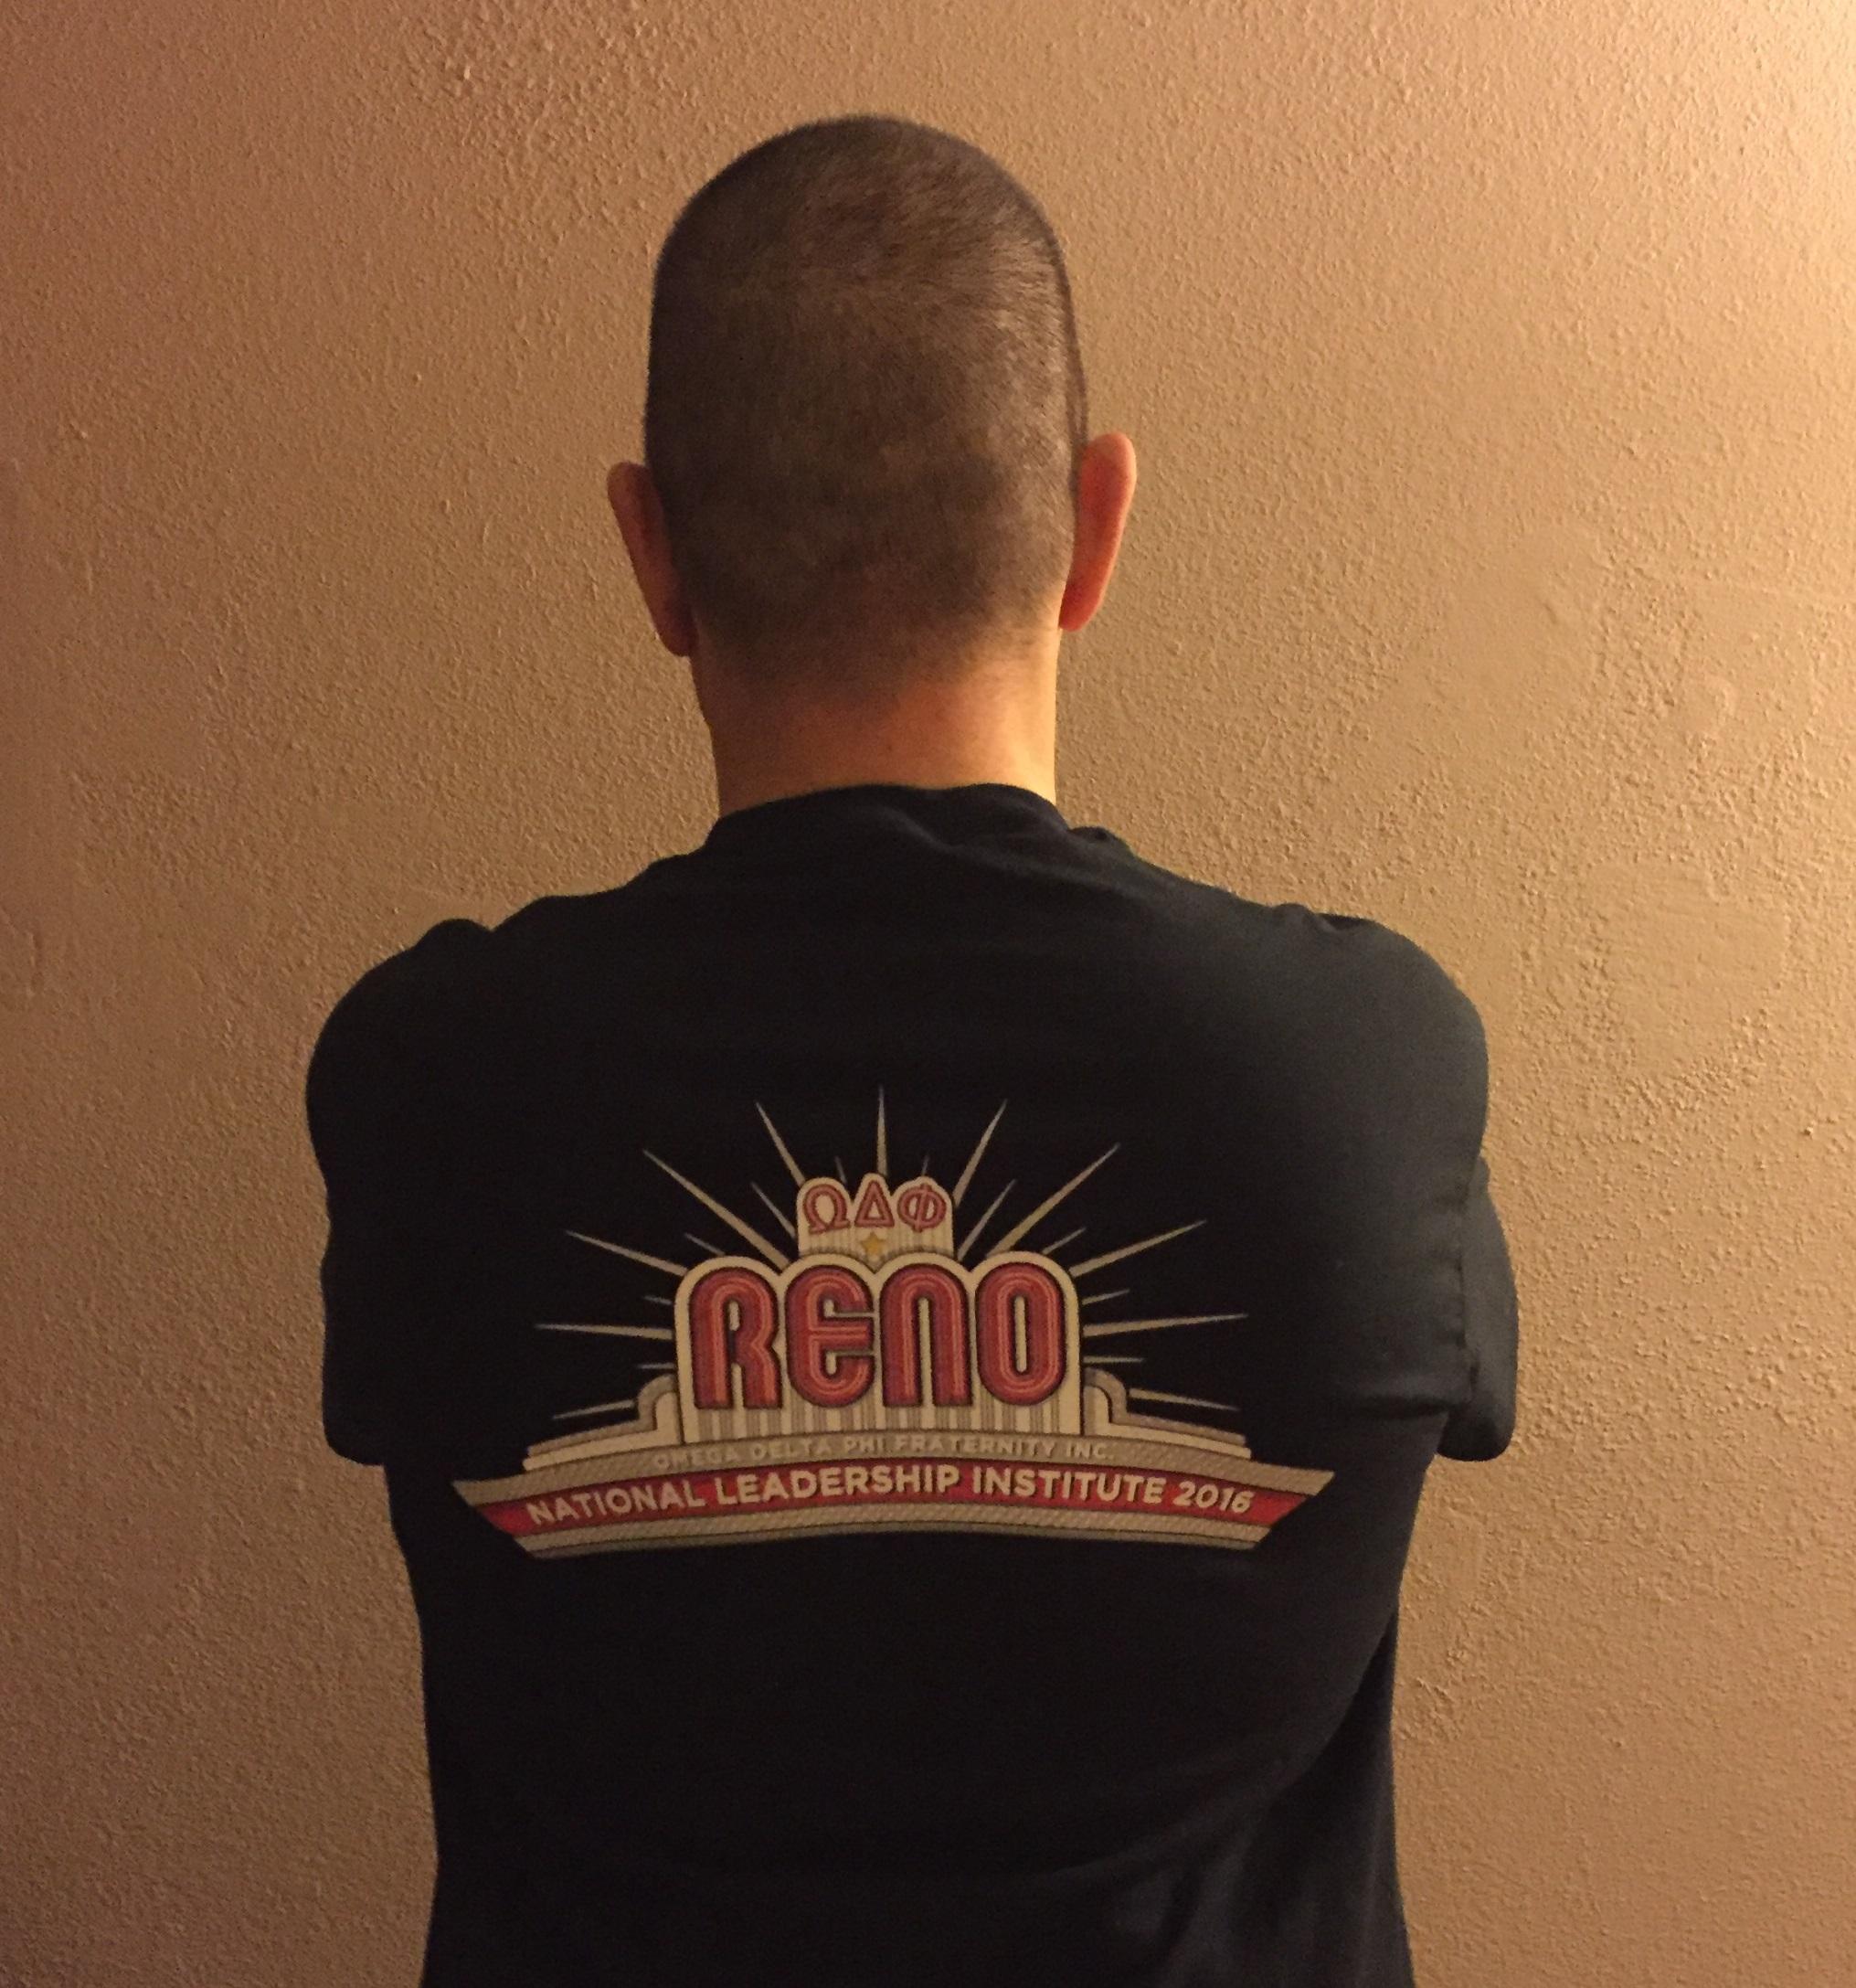 Reno 2016 NLI T-Shirt